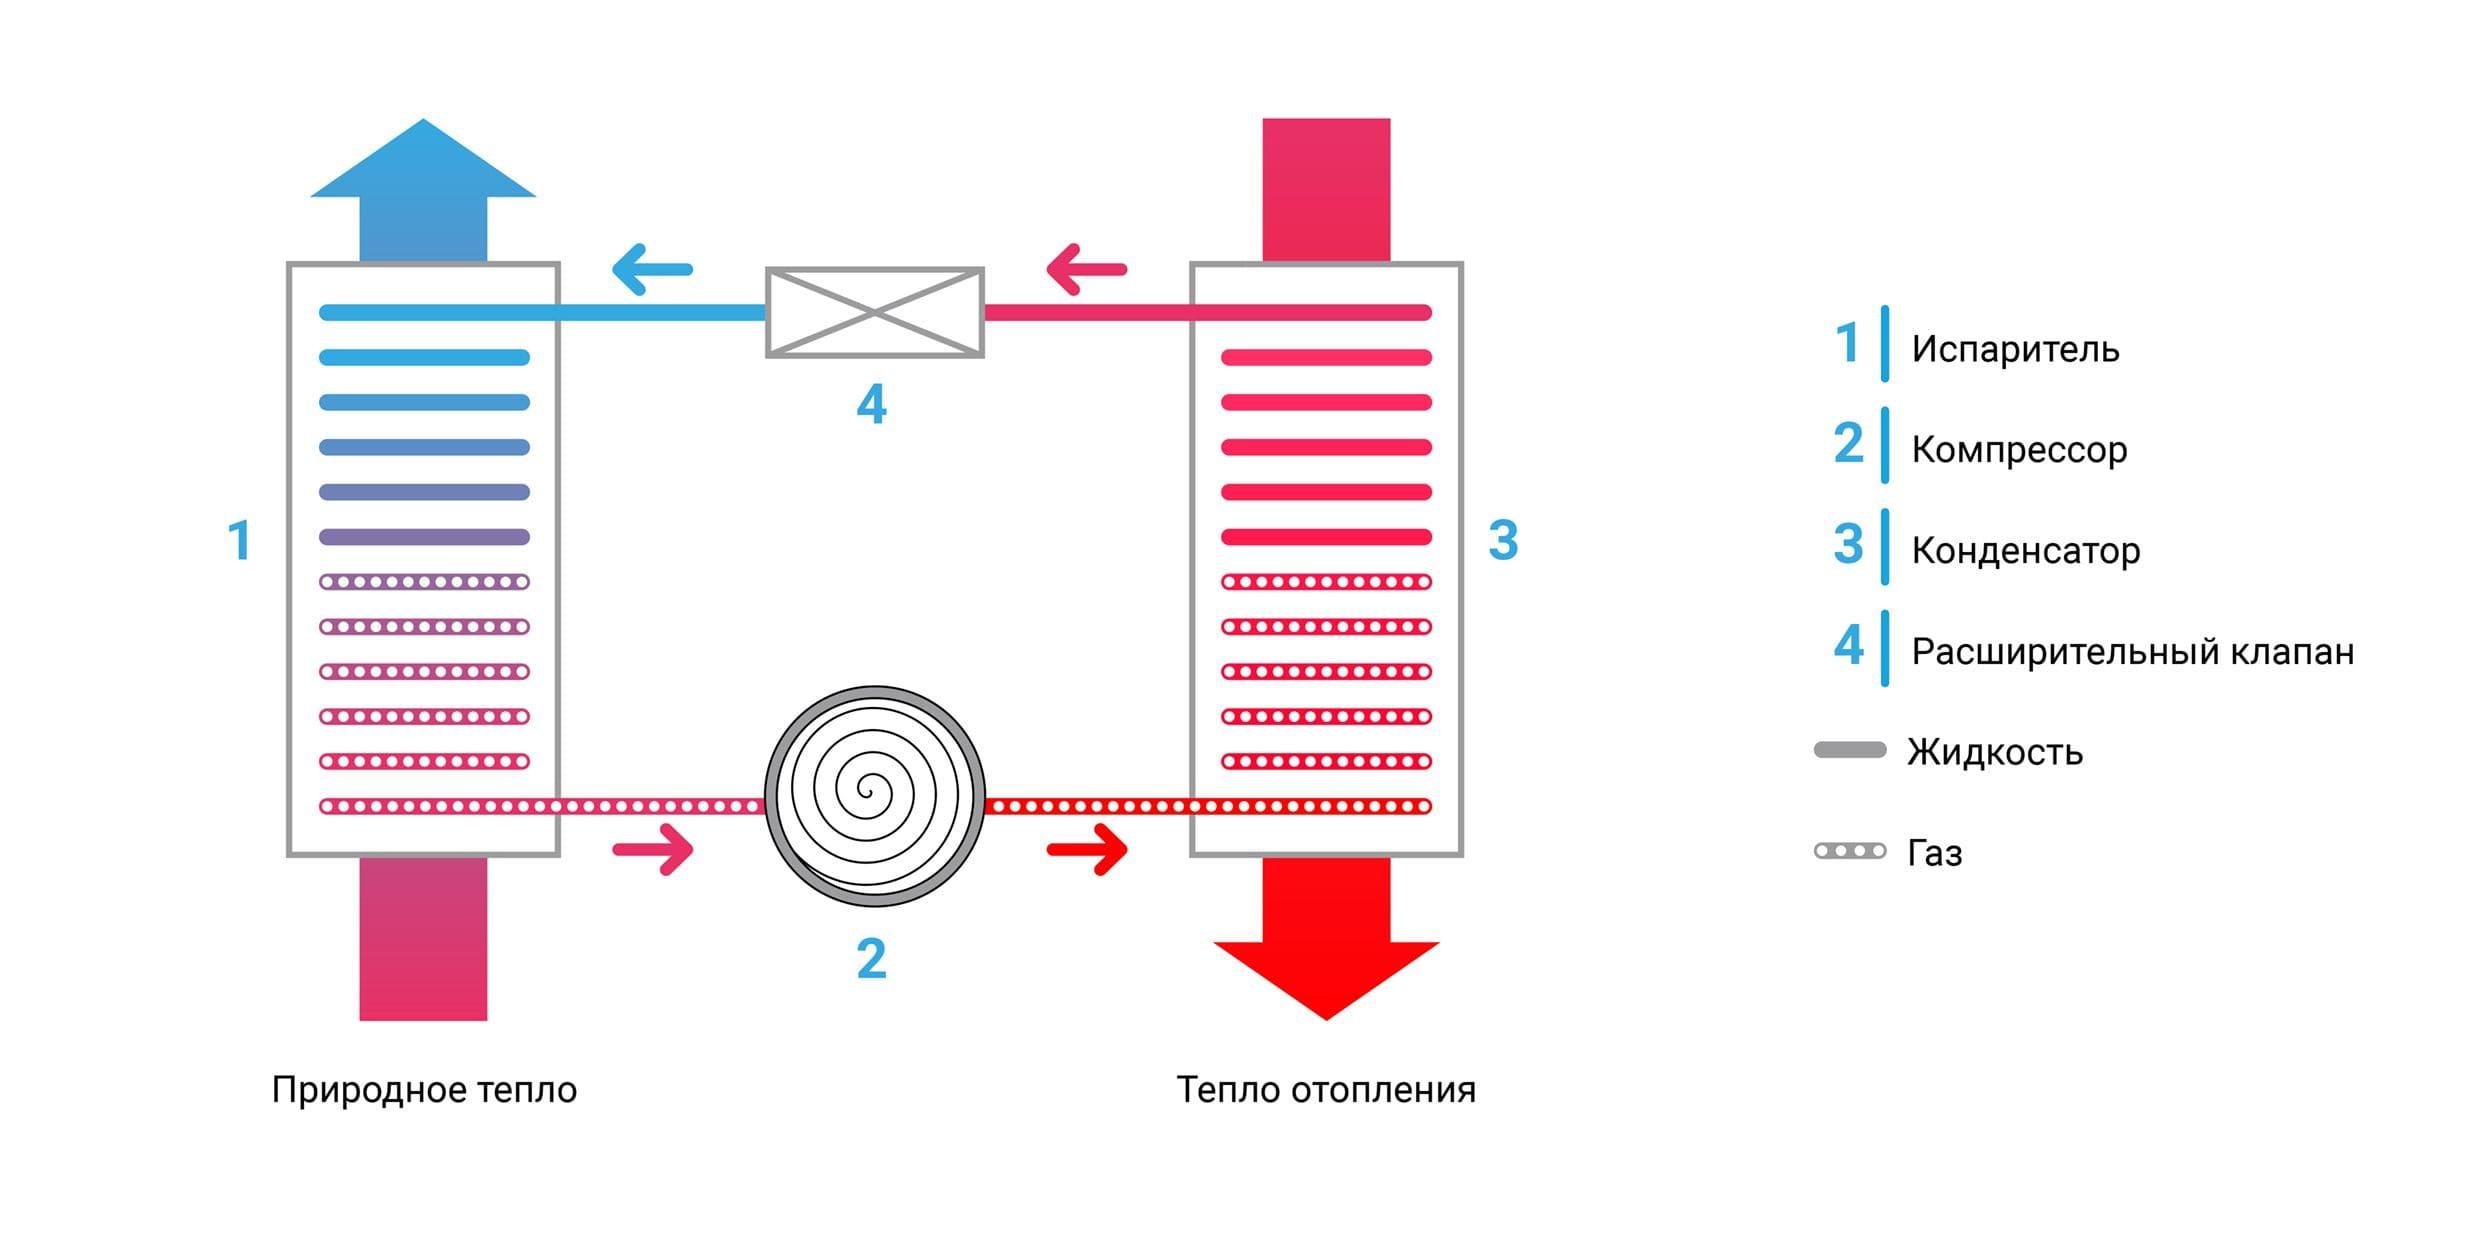 Обзор тепловых насосов для отопления - плюсы и минусы. жми!